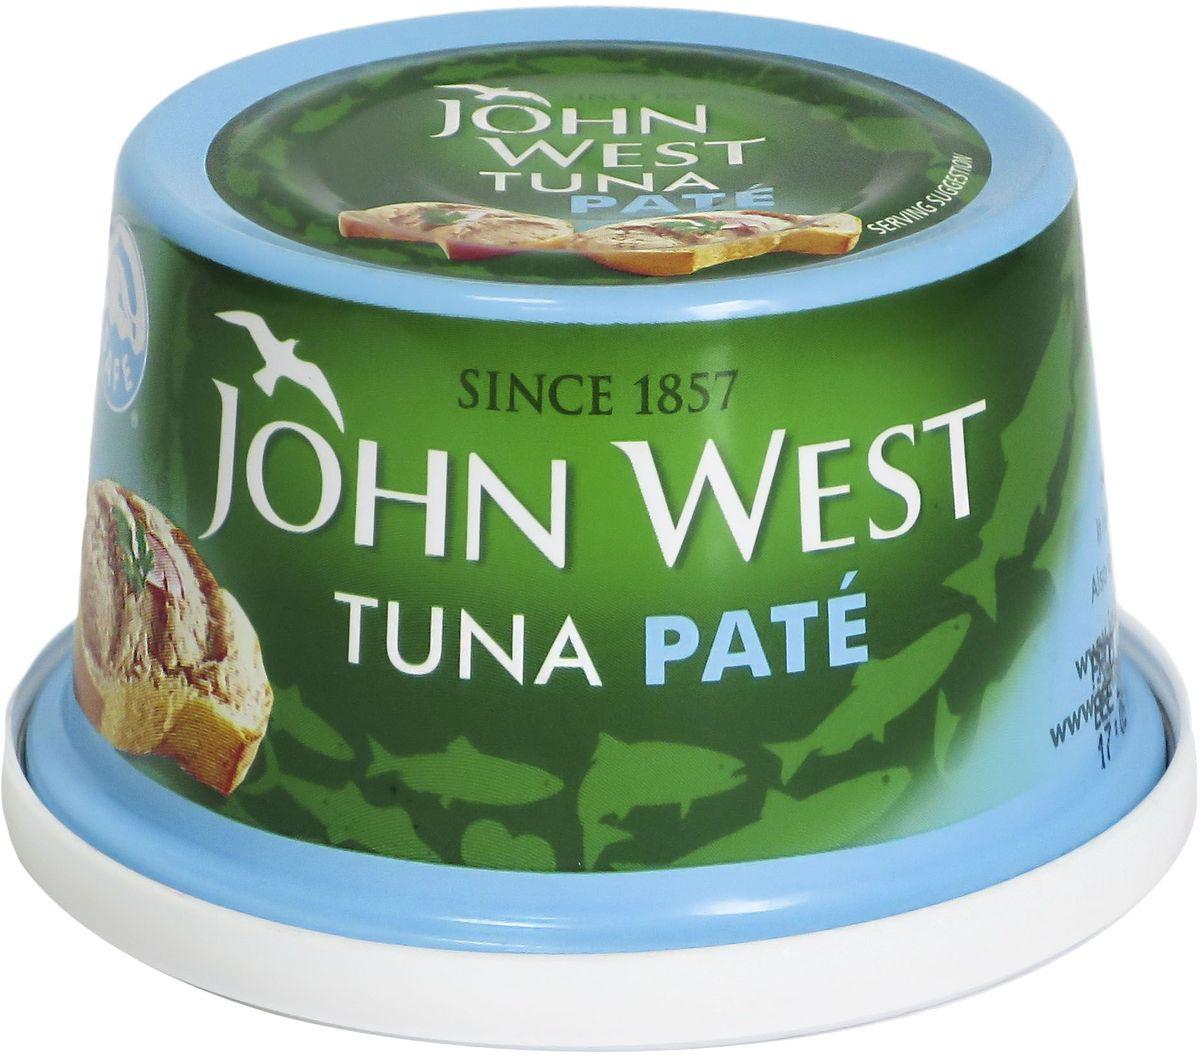 John West паштет из тунца, 125 г0120710Паштет из тунца с добавлением специй отличается деликатным вкусом.